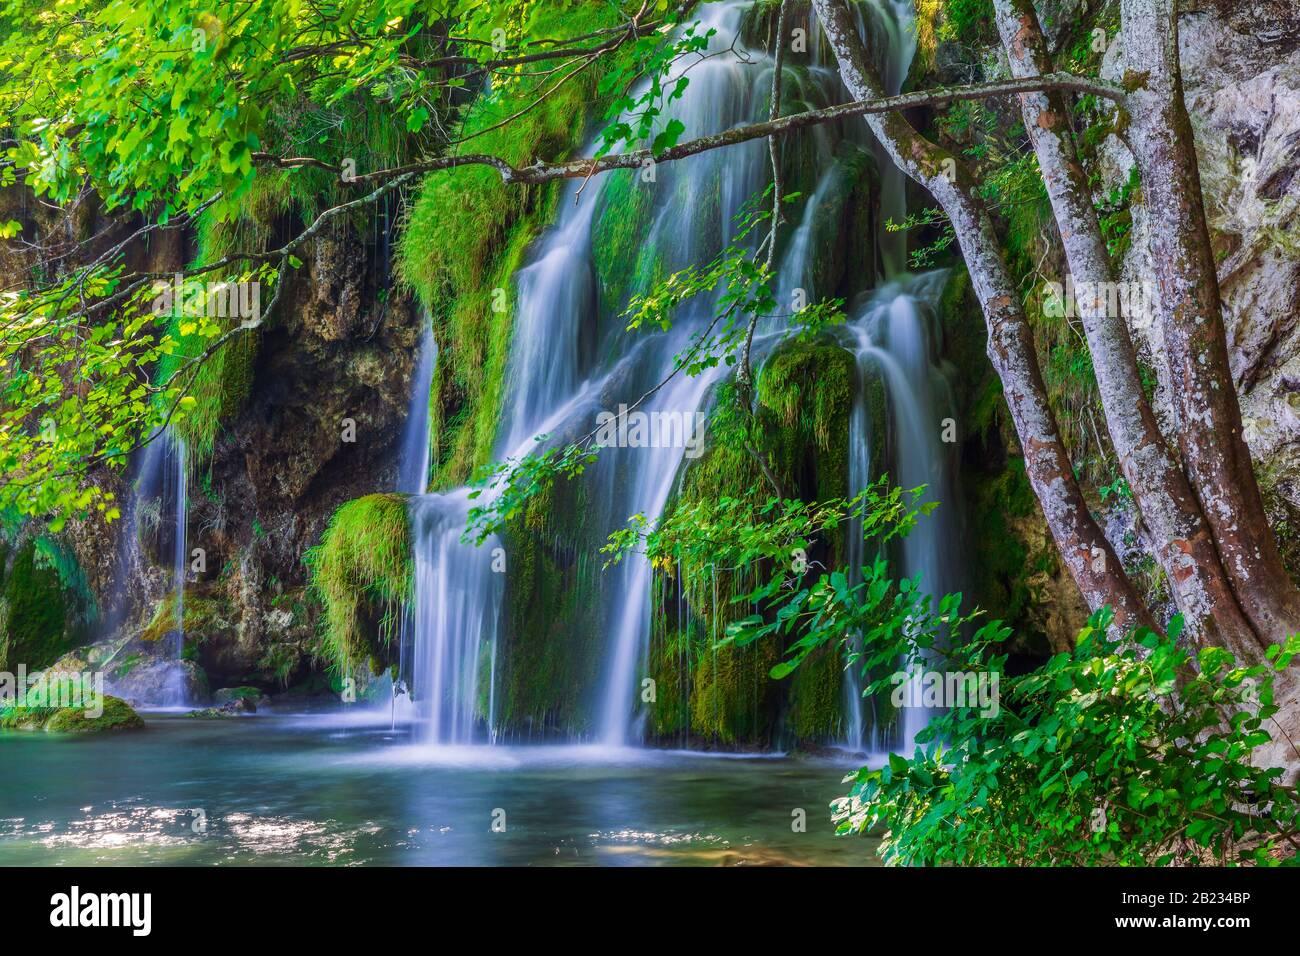 Los lagos de Plitvice (Croacia). Las cascadas del parque nacional de los Lagos de Plitvice. Foto de stock